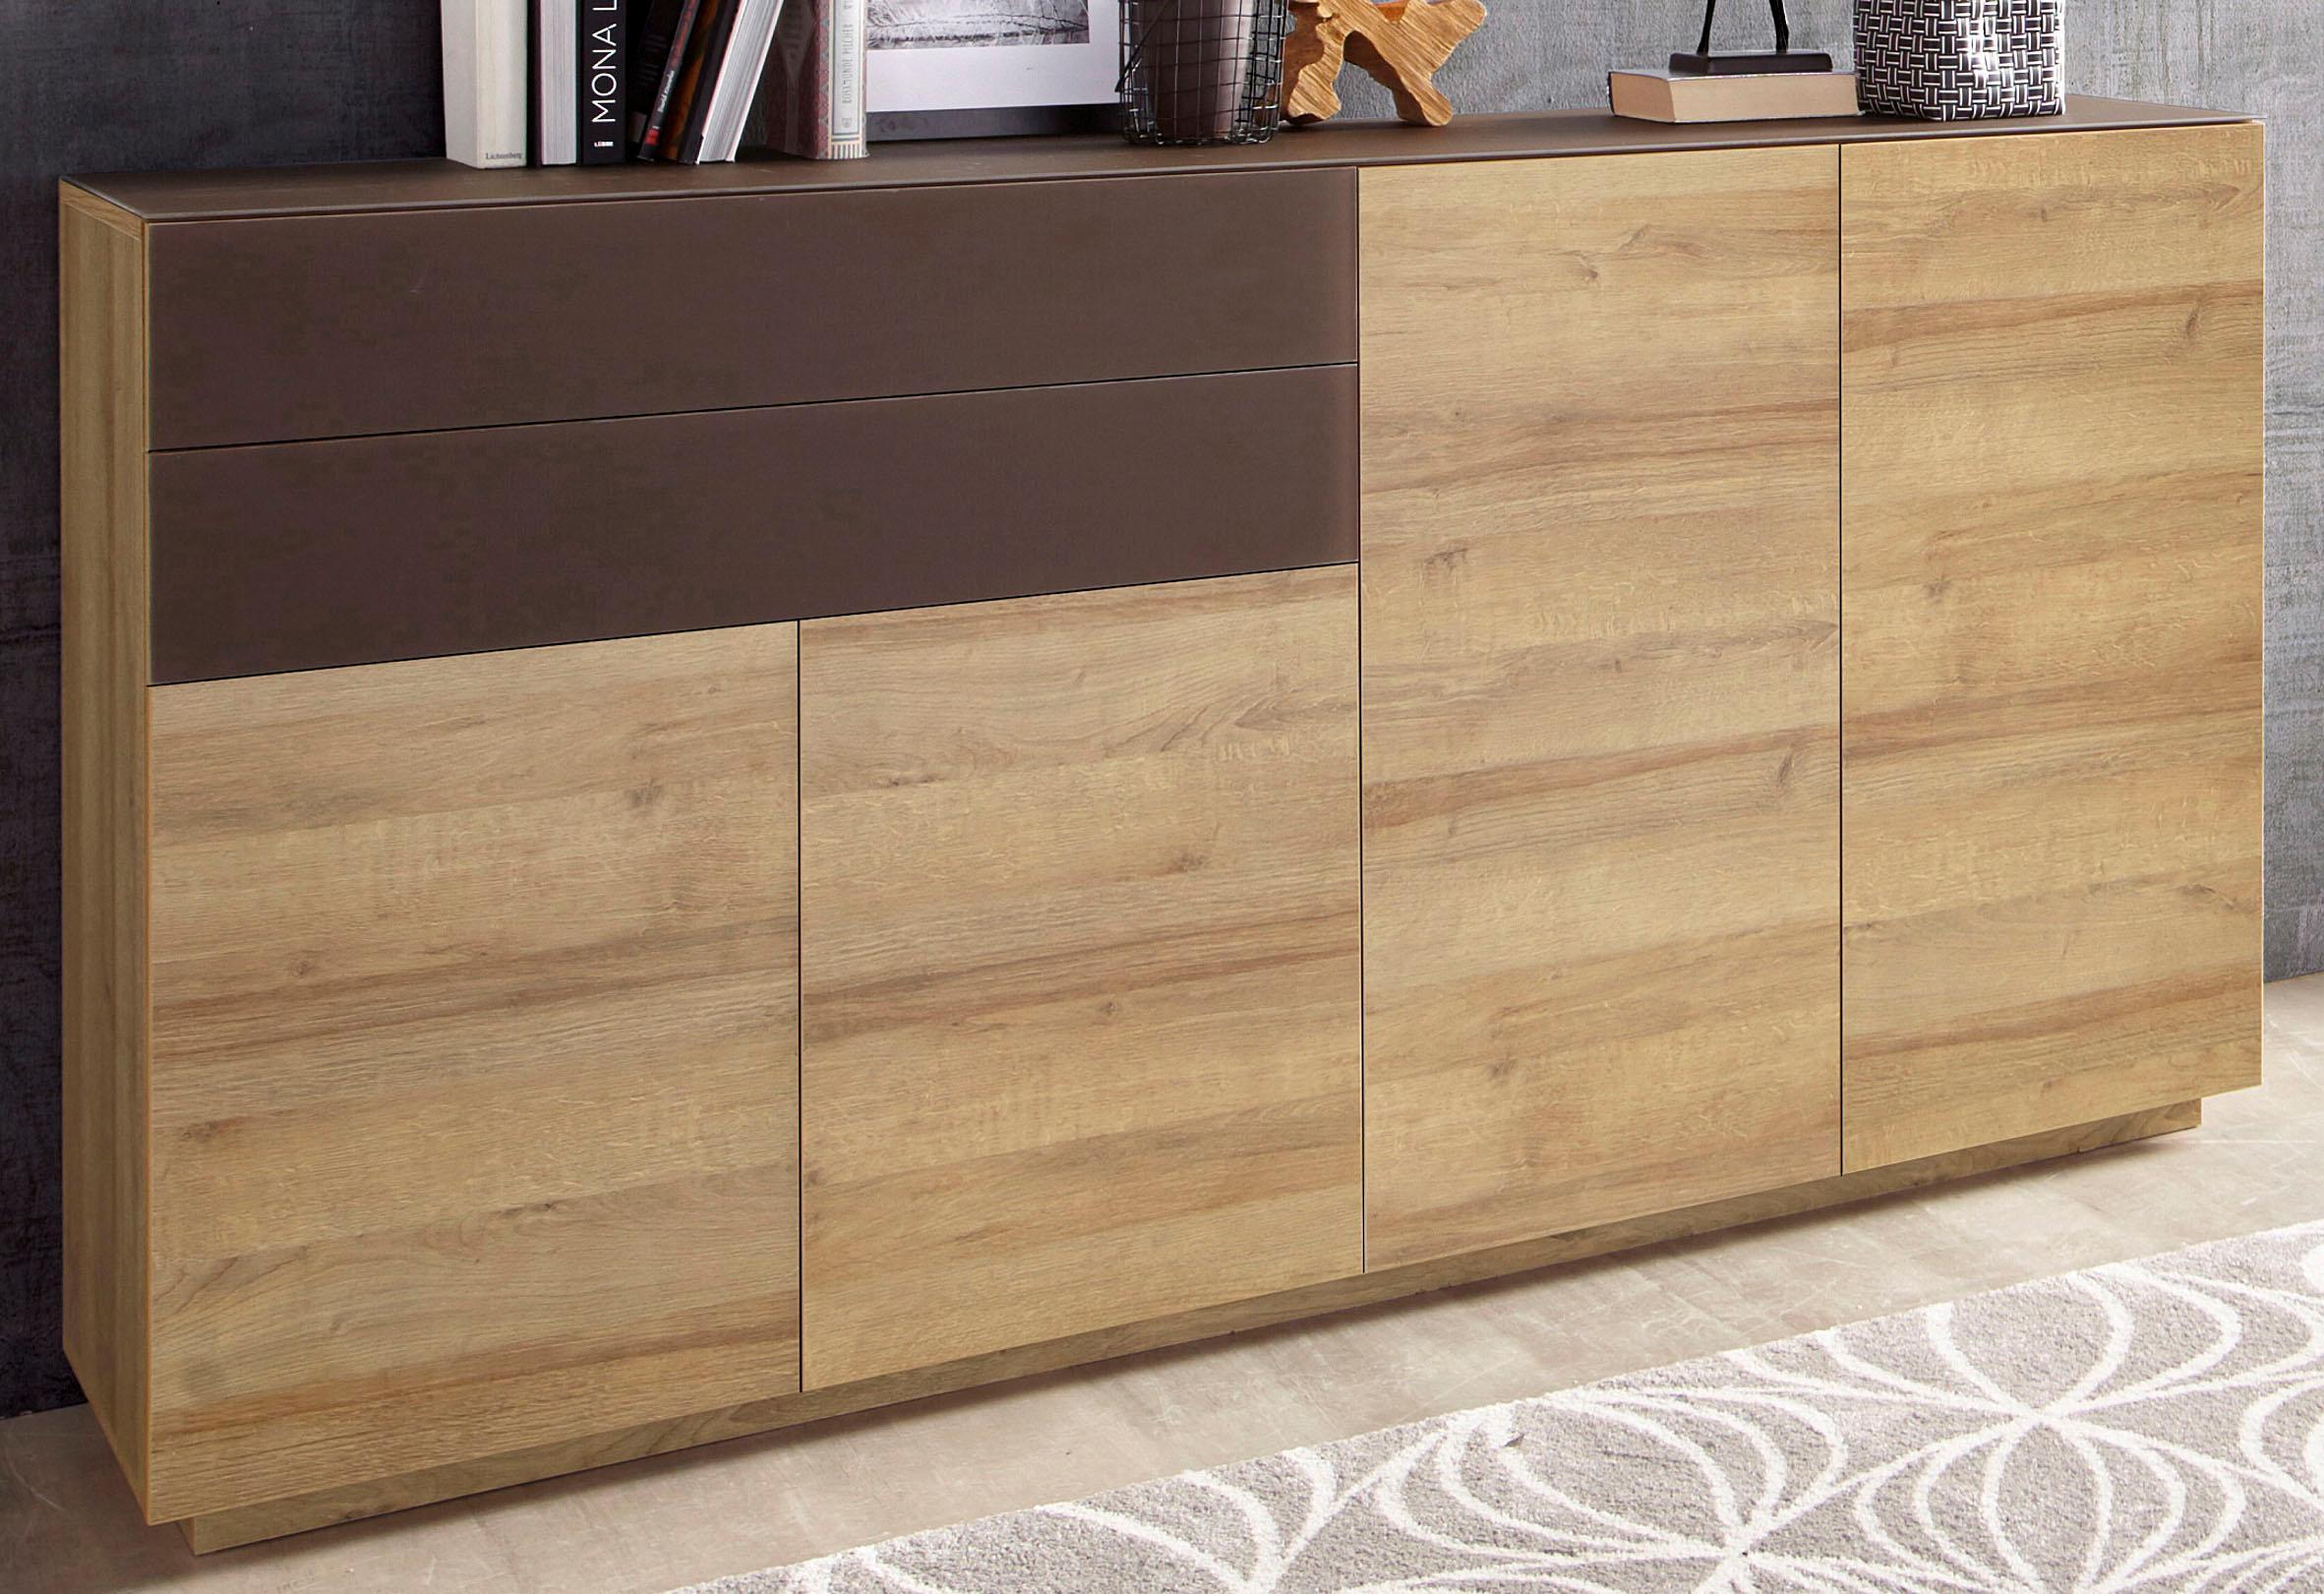 sideboards cappuccino preisvergleich die besten angebote online kaufen. Black Bedroom Furniture Sets. Home Design Ideas